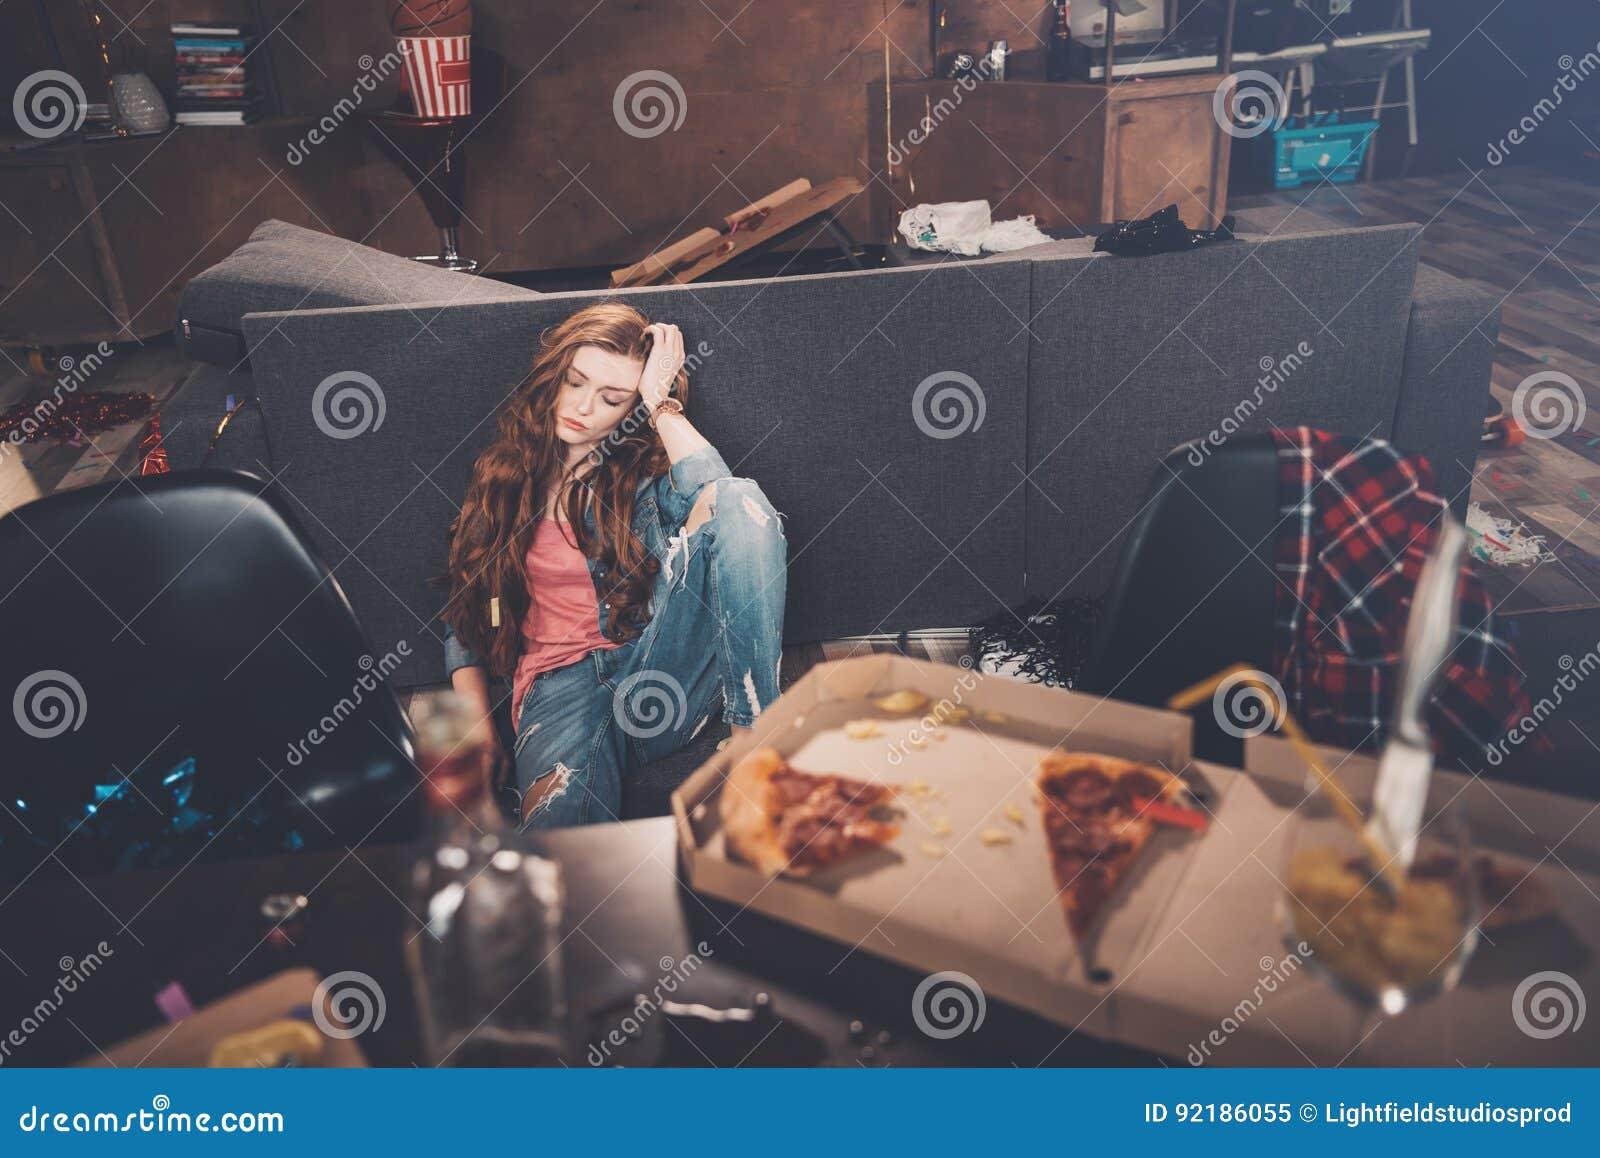 Ung kvinna med stängda ögon som sitter på golv i smutsigt rum efter parti